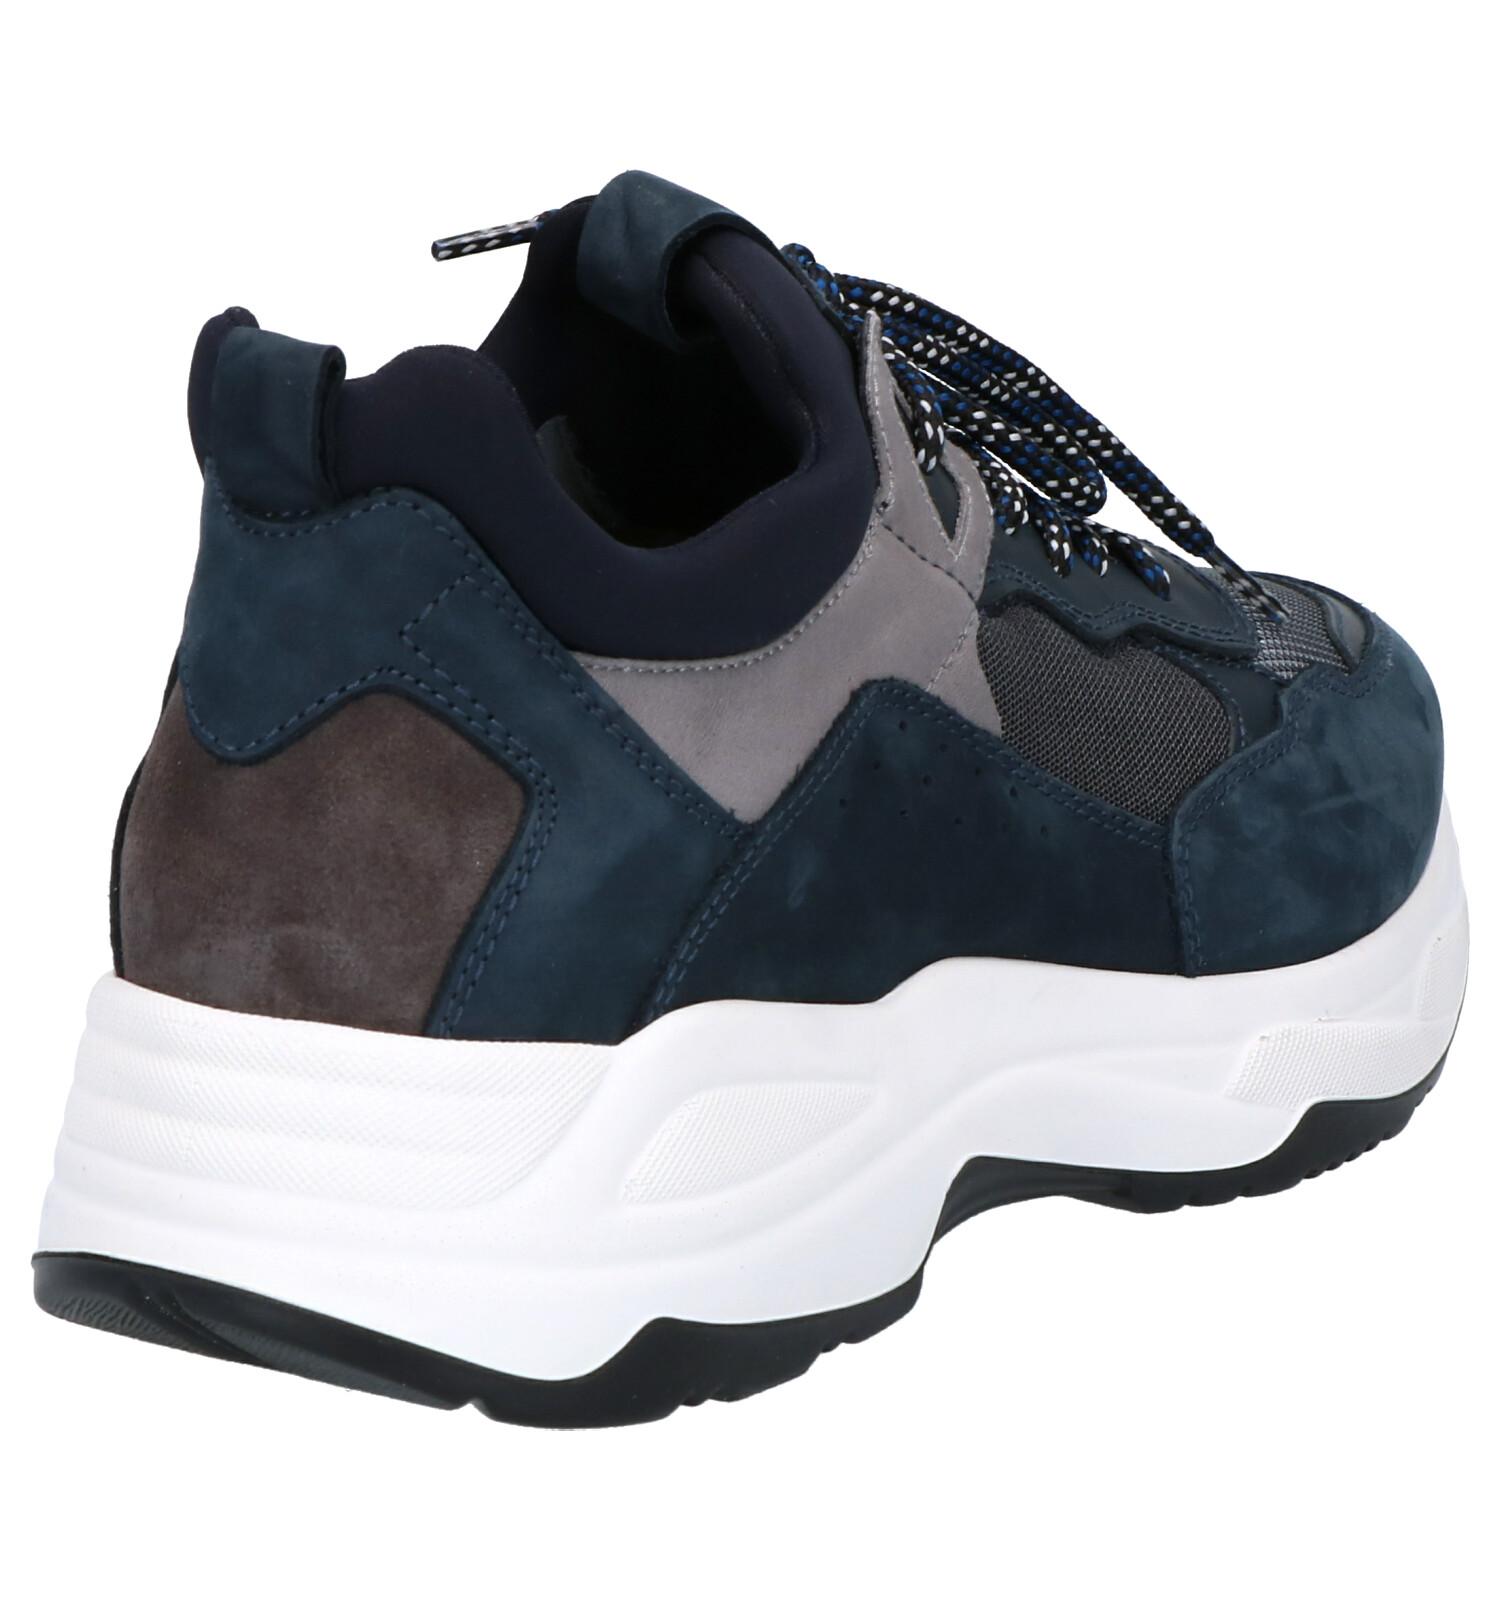 Sneakers Blauwe Nerogiardini Blauwe Nerogiardini Sneakers Blauwe Nerogiardini Sneakers Nerogiardini BeCrodx